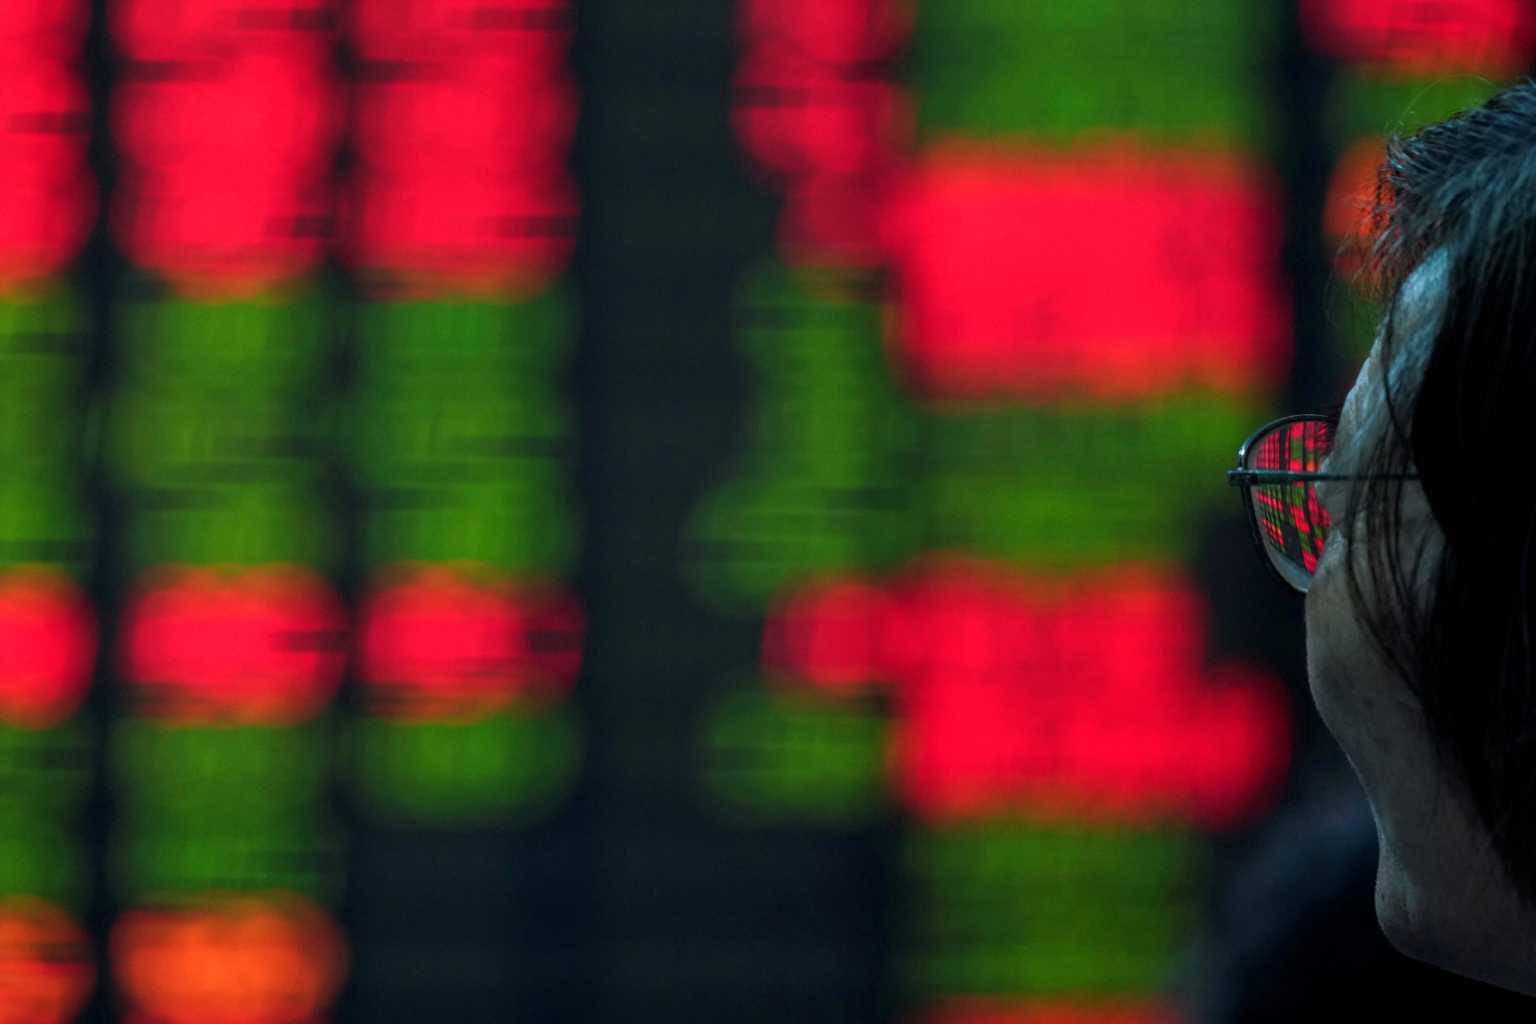 Εβδομαδιαία πτώση 1,36% στο Χρηματιστήριο Αθηνών